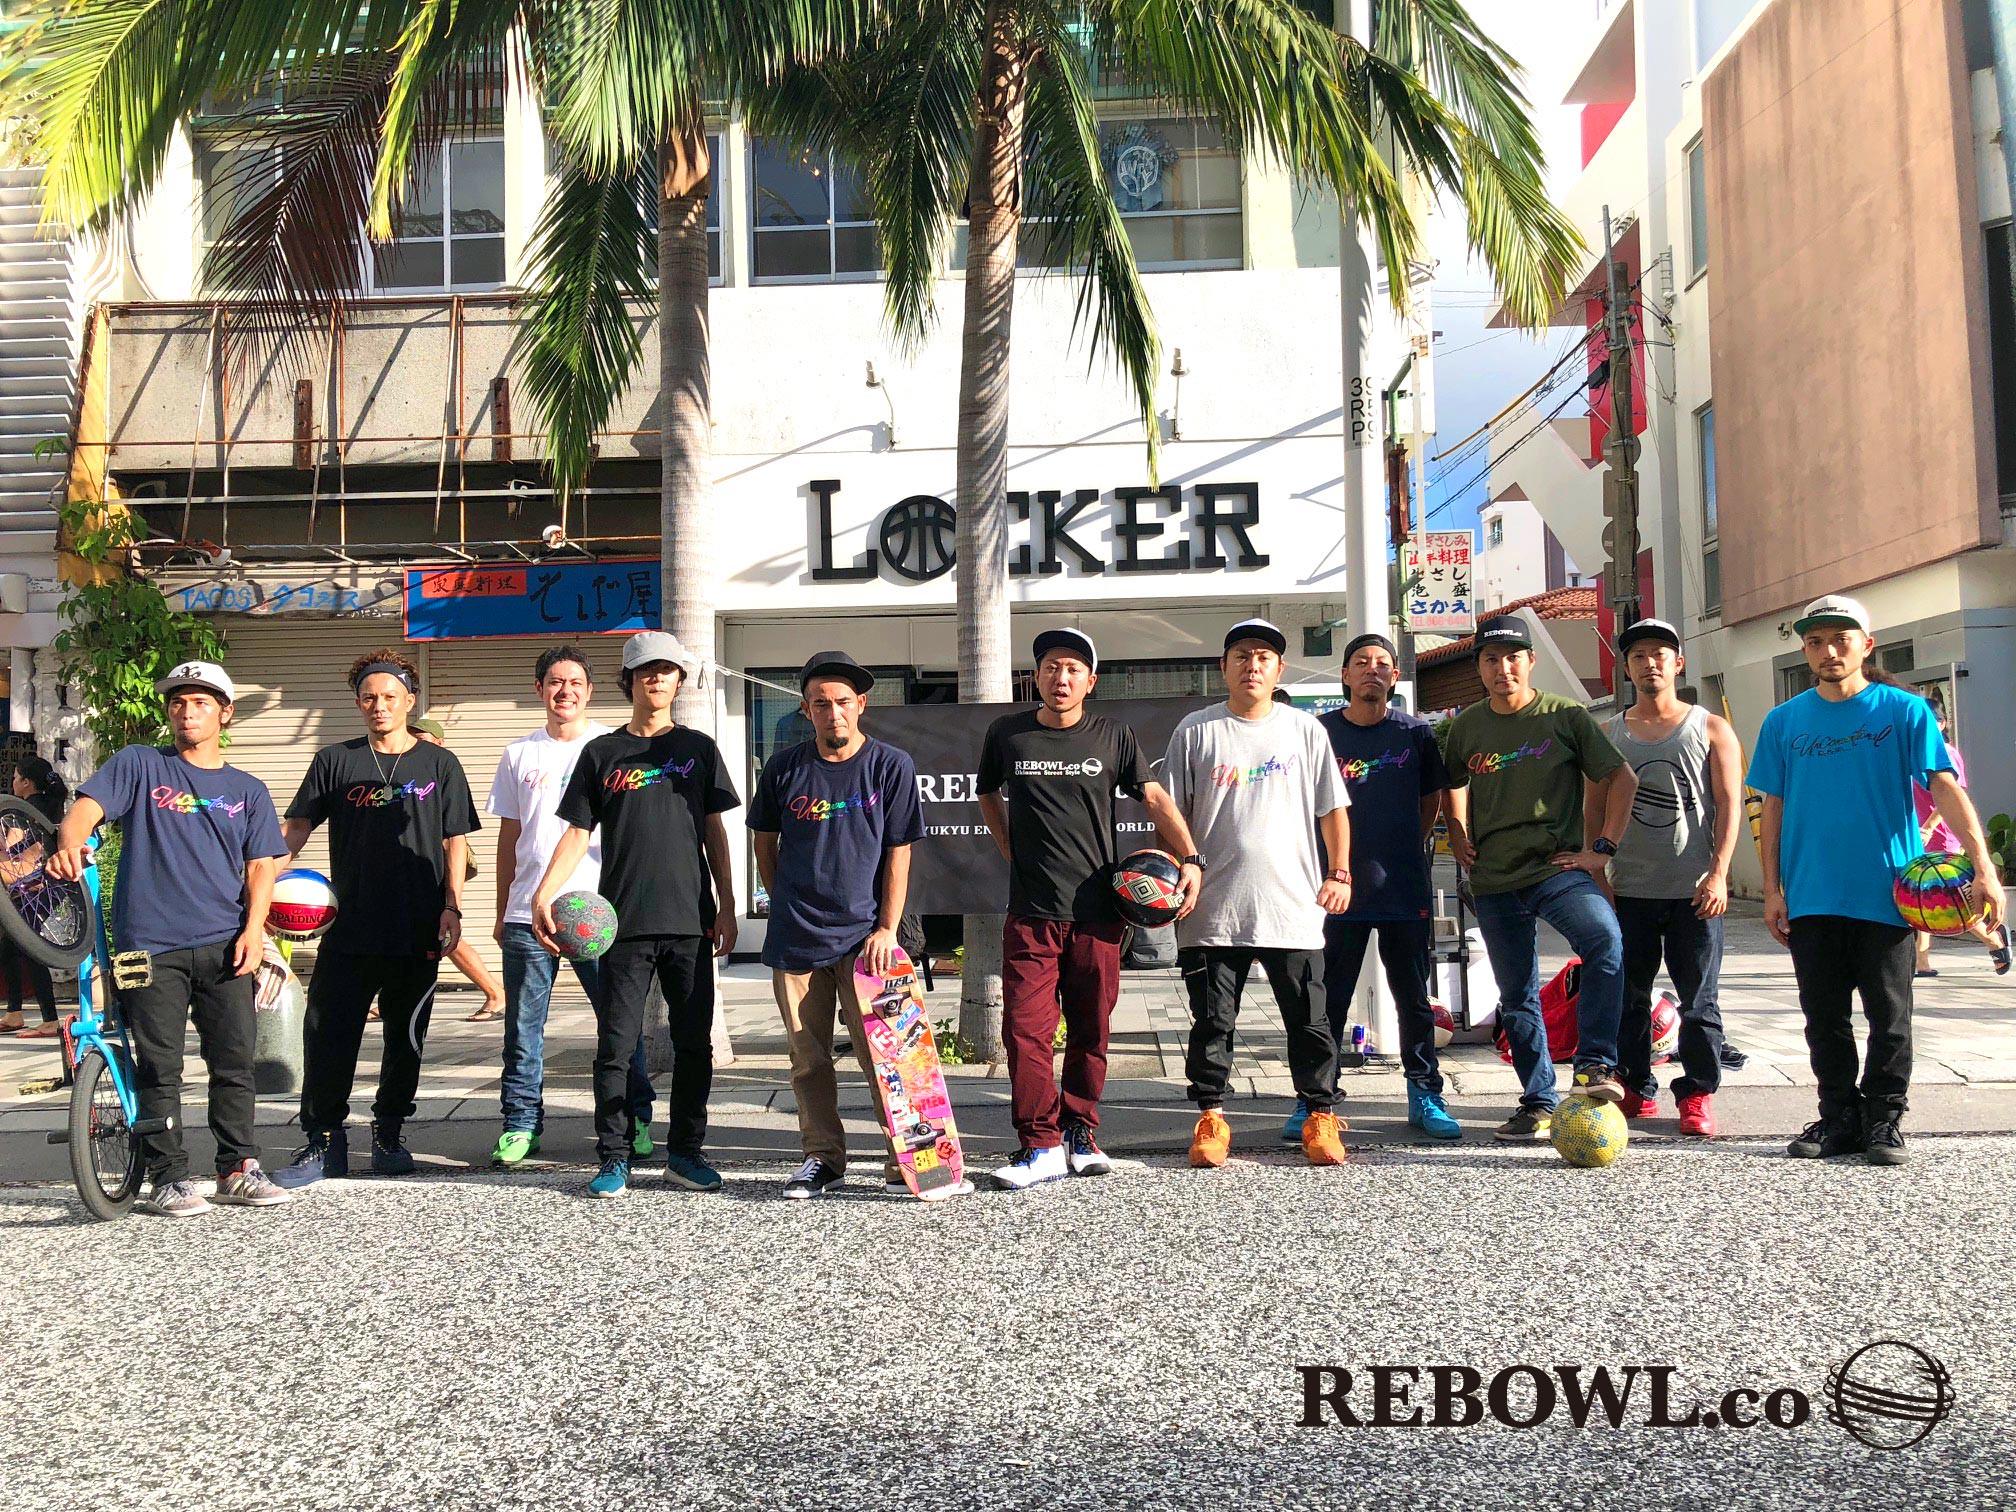 REBOWL.co